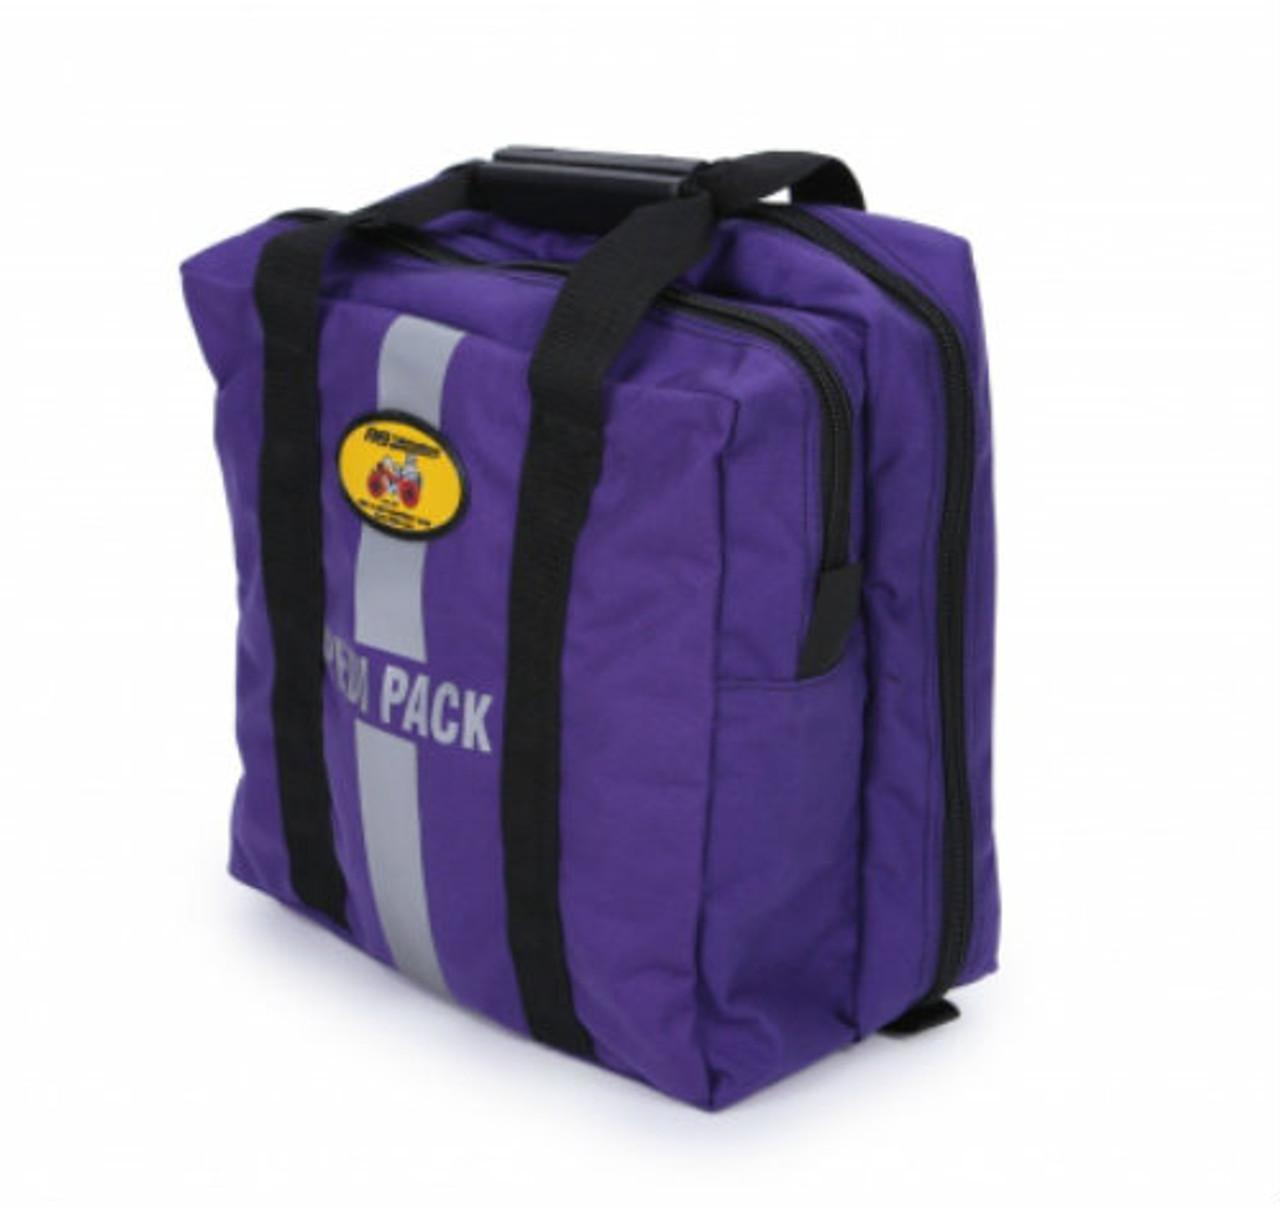 Ped ALS Pack - Side